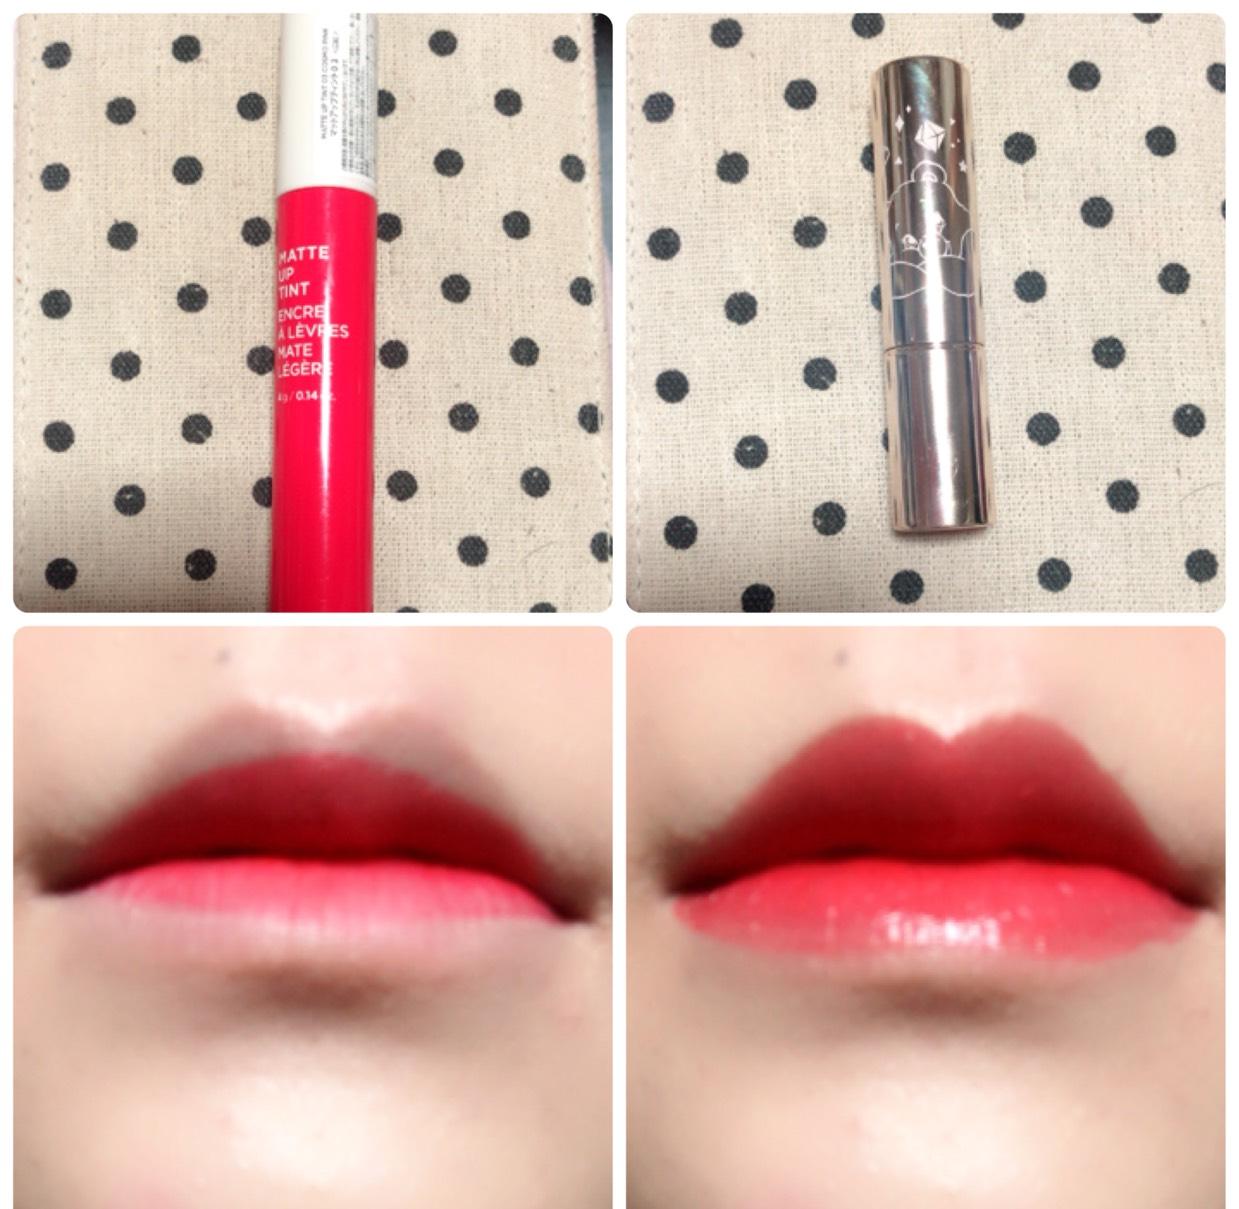 ザフェイスショップのマットタイプのリップティントを内側に塗り、その上から唇全体にオペラのリップティント(RED)を塗ります。